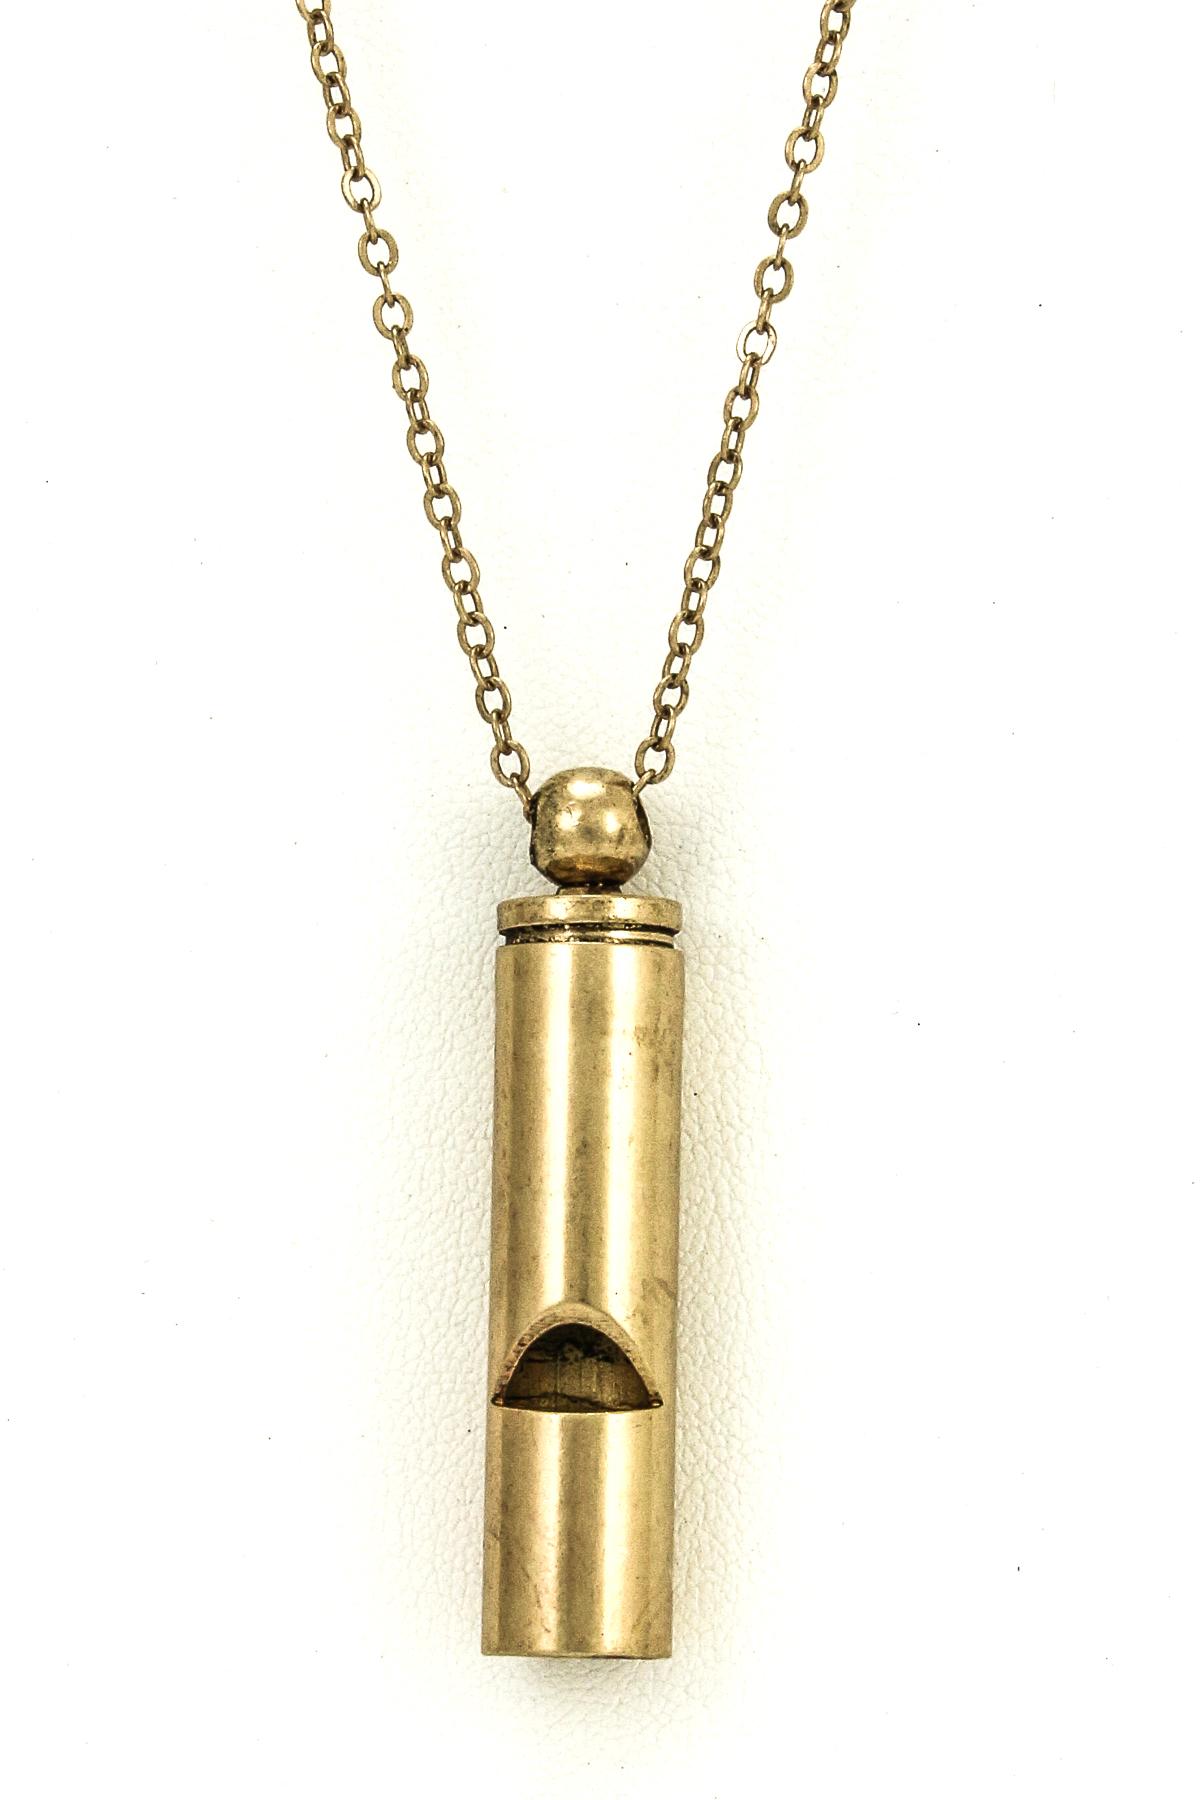 whistle pendant necklace set necklaces